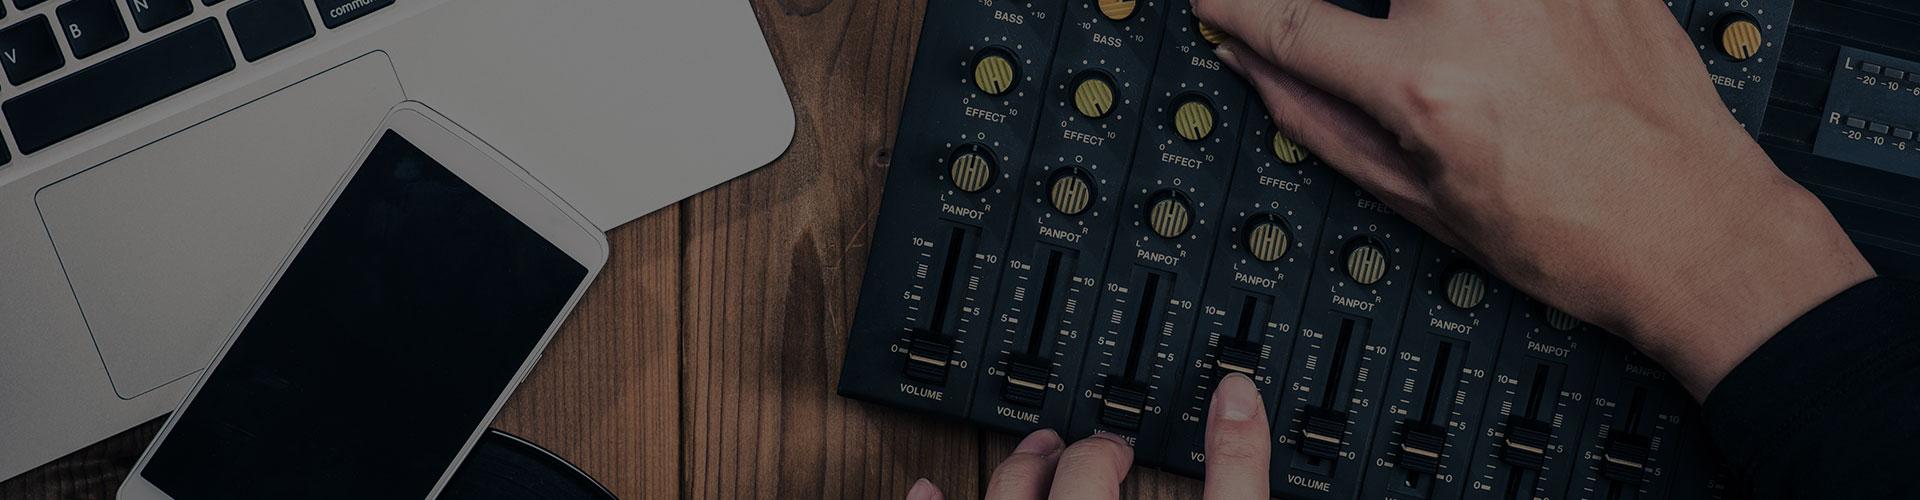 フリー音源素材(BGM、効果音、ジングル、楽曲)